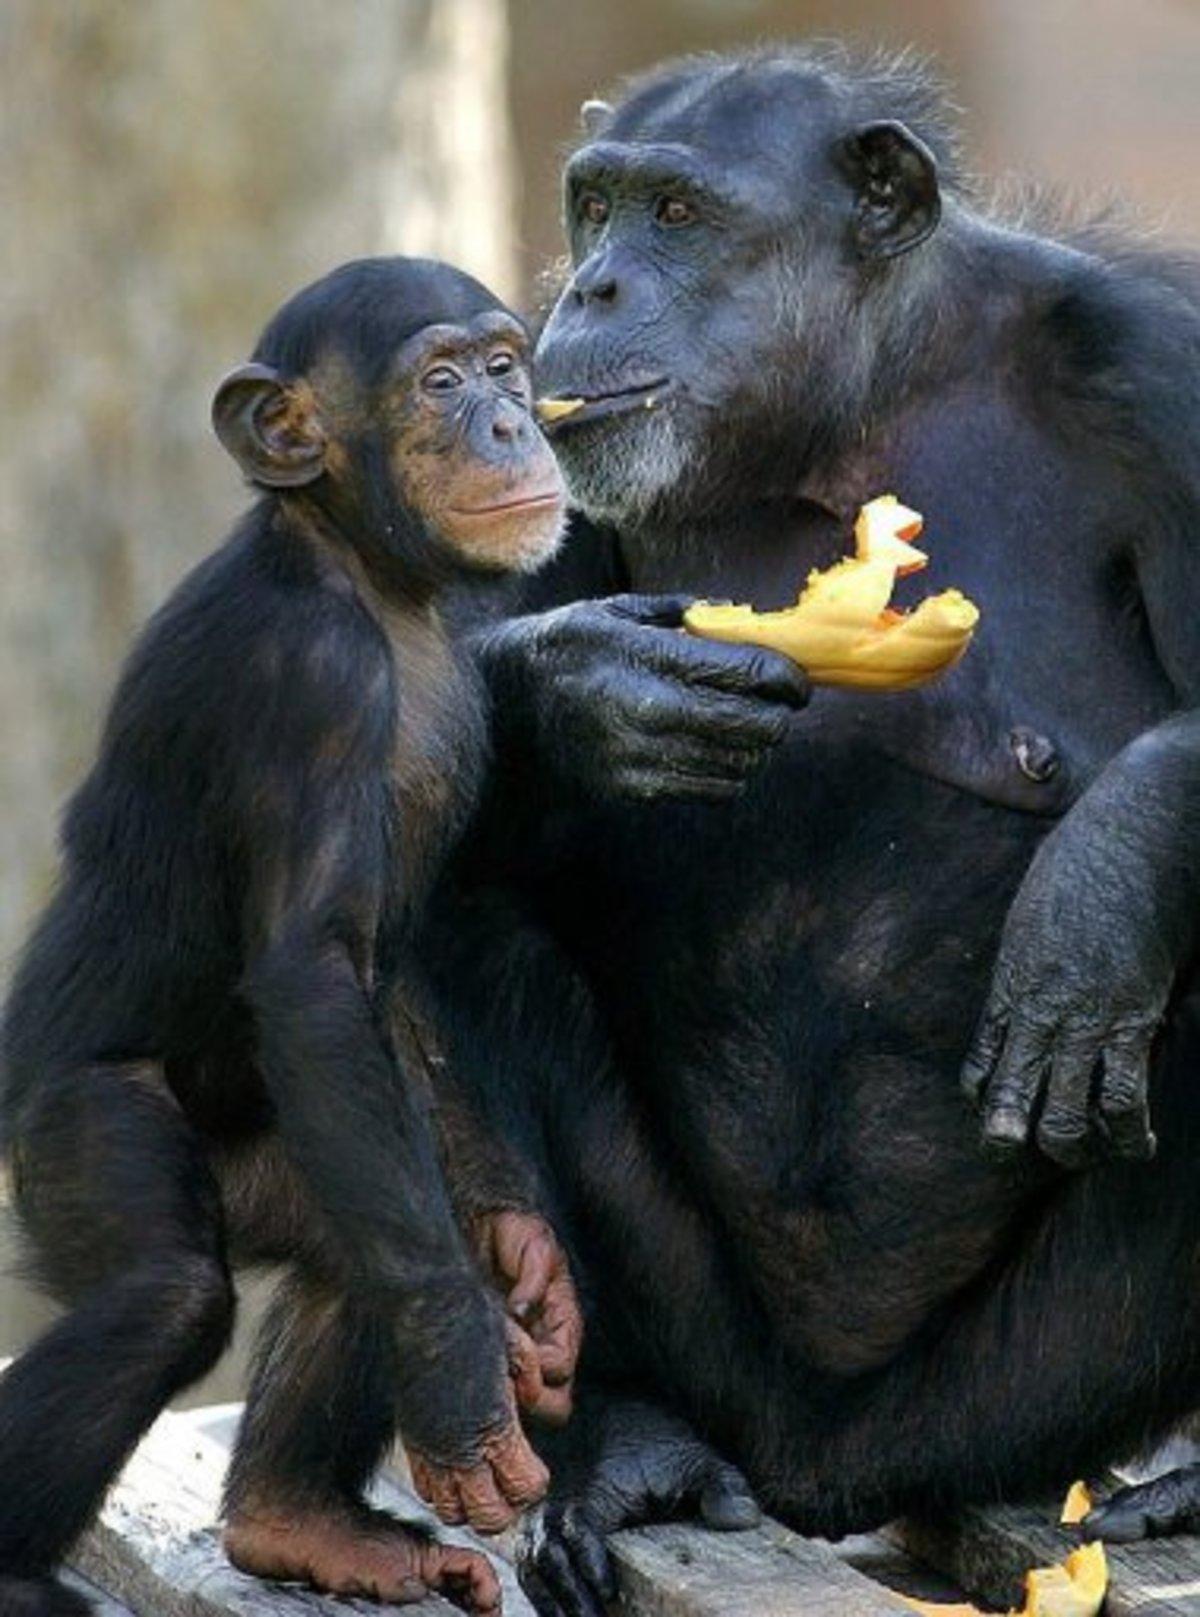 Θα απαγορευτούν τα πειράματα σε πιθήκους, χιμπατζήδες, γορίλλες και ουρακοτάγκους… | Newsit.gr